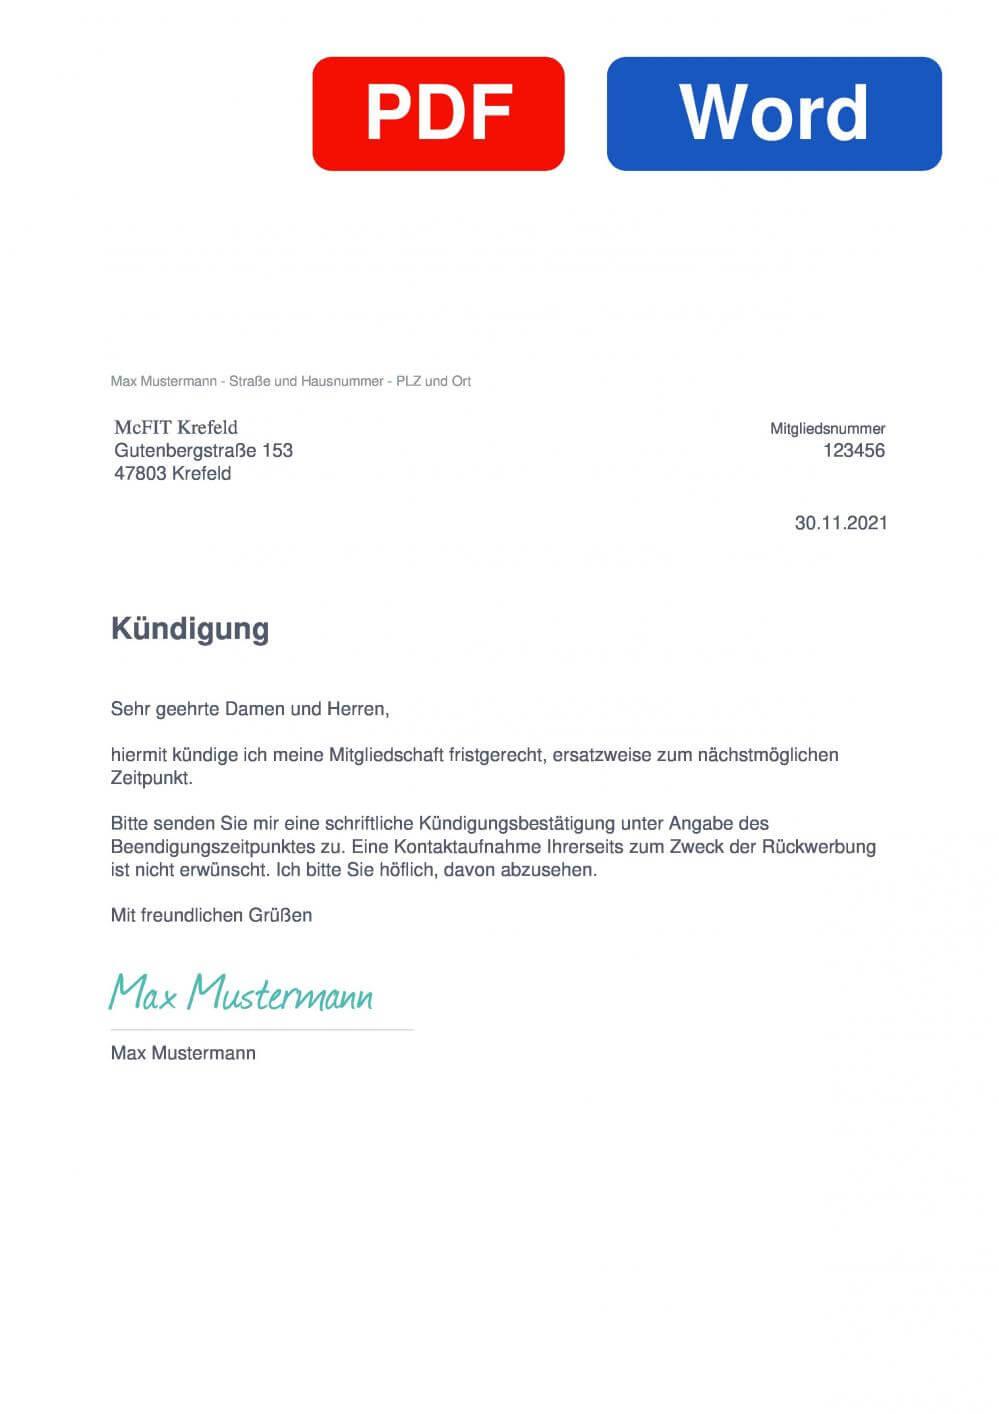 McFIT Krefeld Muster Vorlage für Kündigungsschreiben